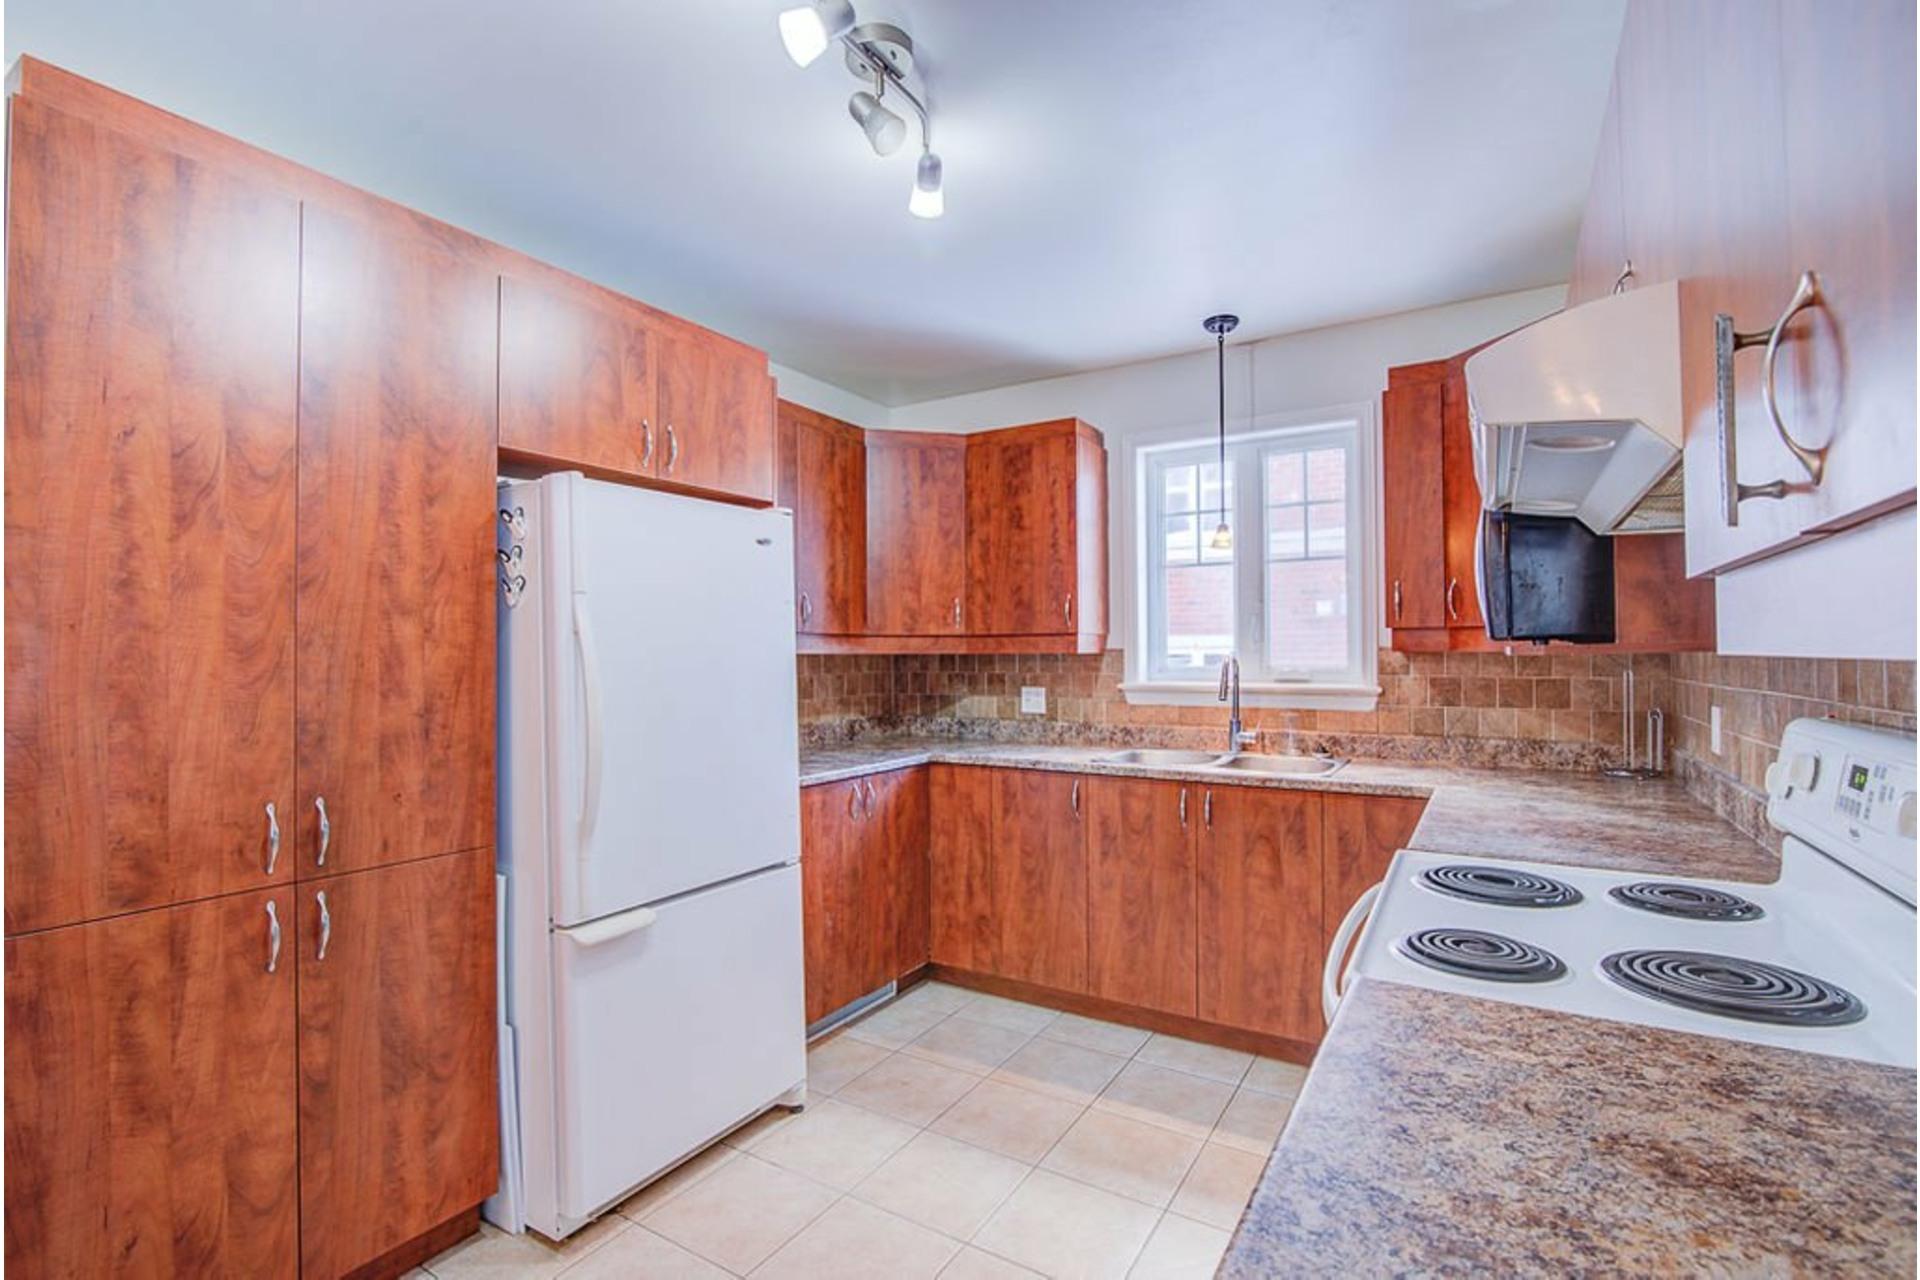 image 6 - Apartment For sale Sainte-Anne-des-Plaines - 7 rooms